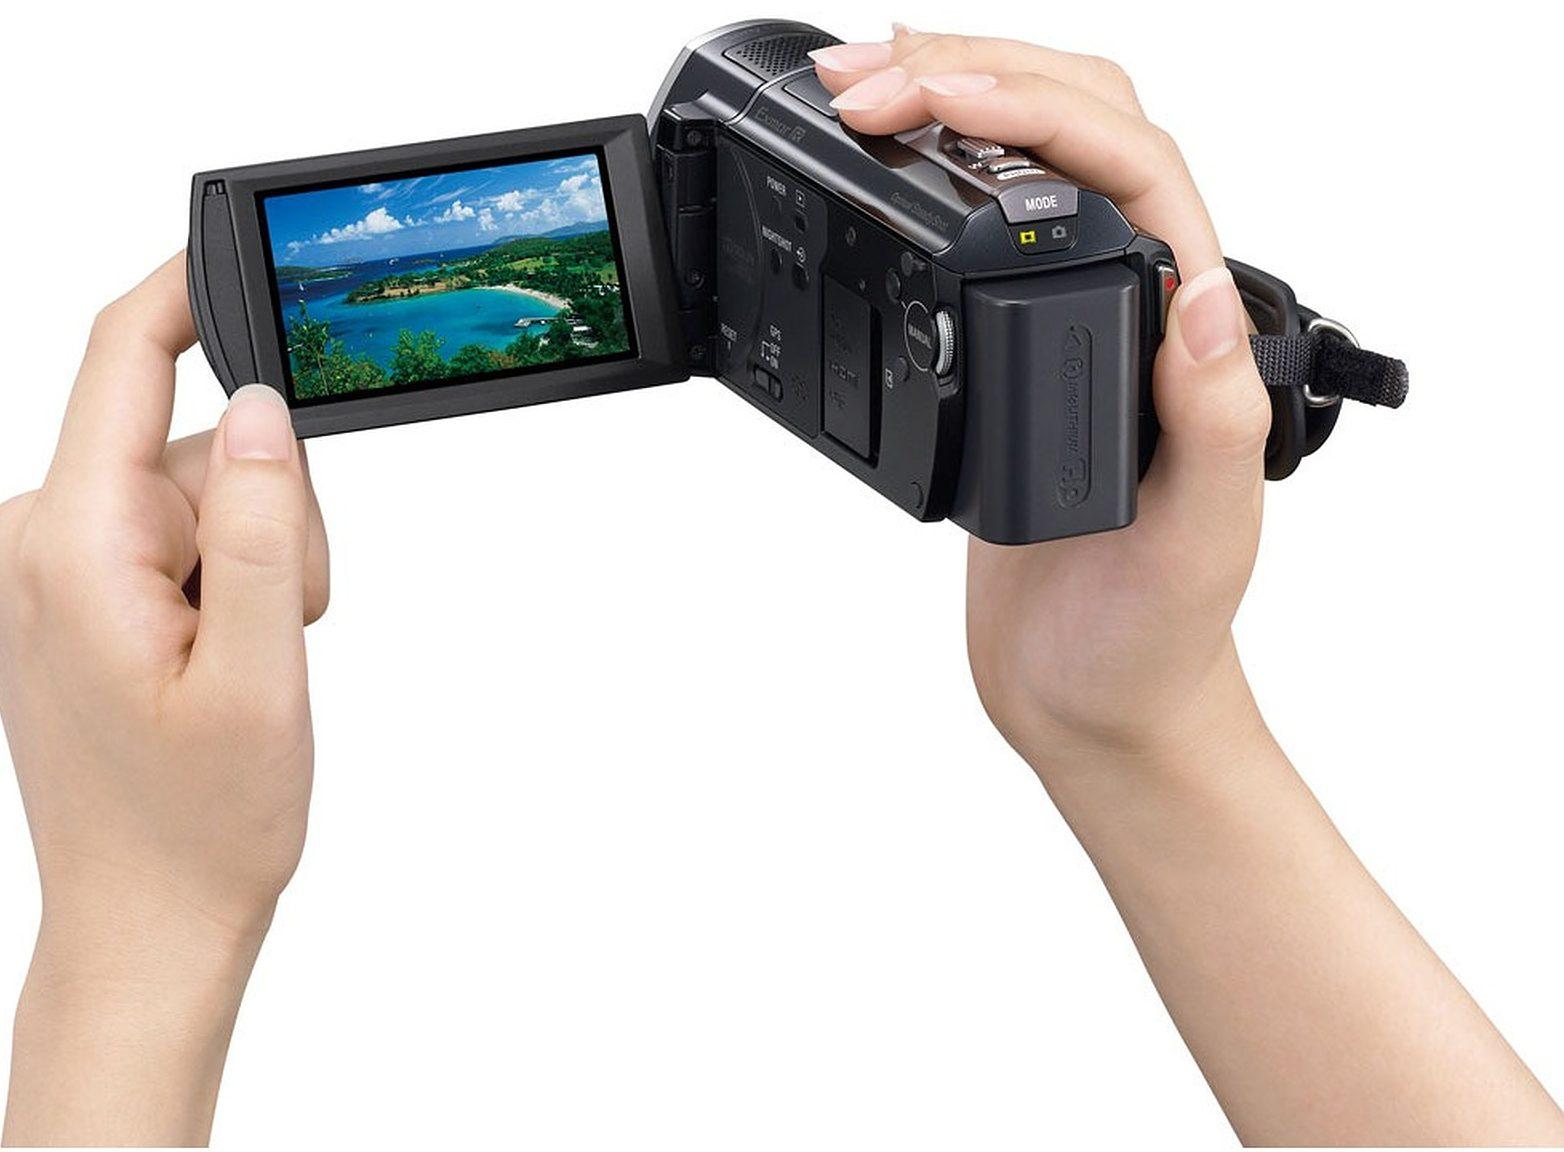 Ajustarea focalizarii la camerele video